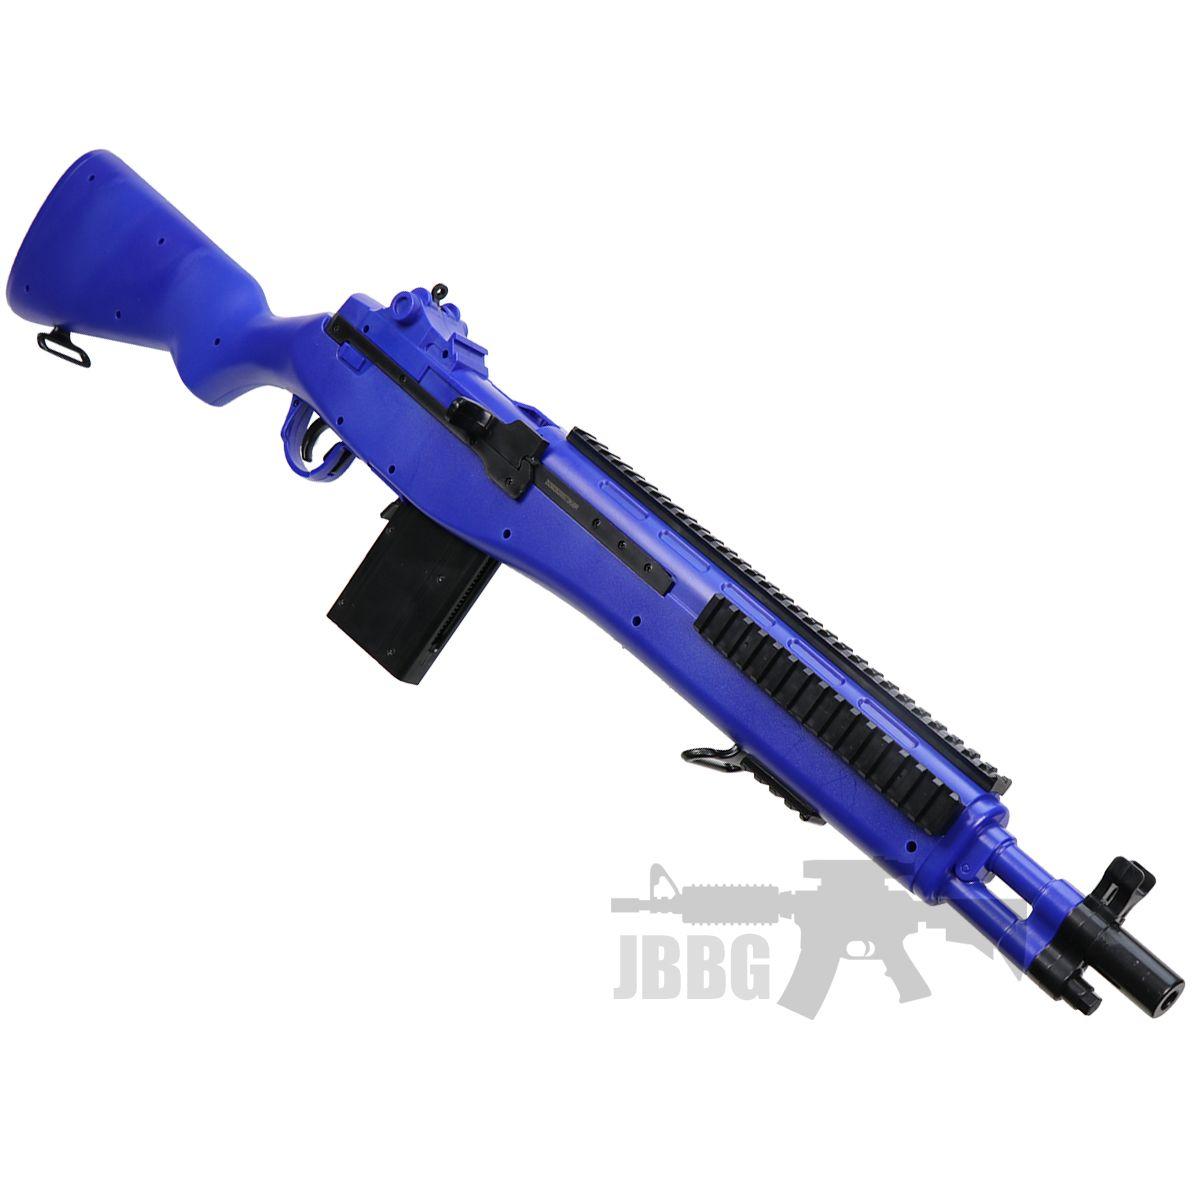 m14 gun 111 jbbg